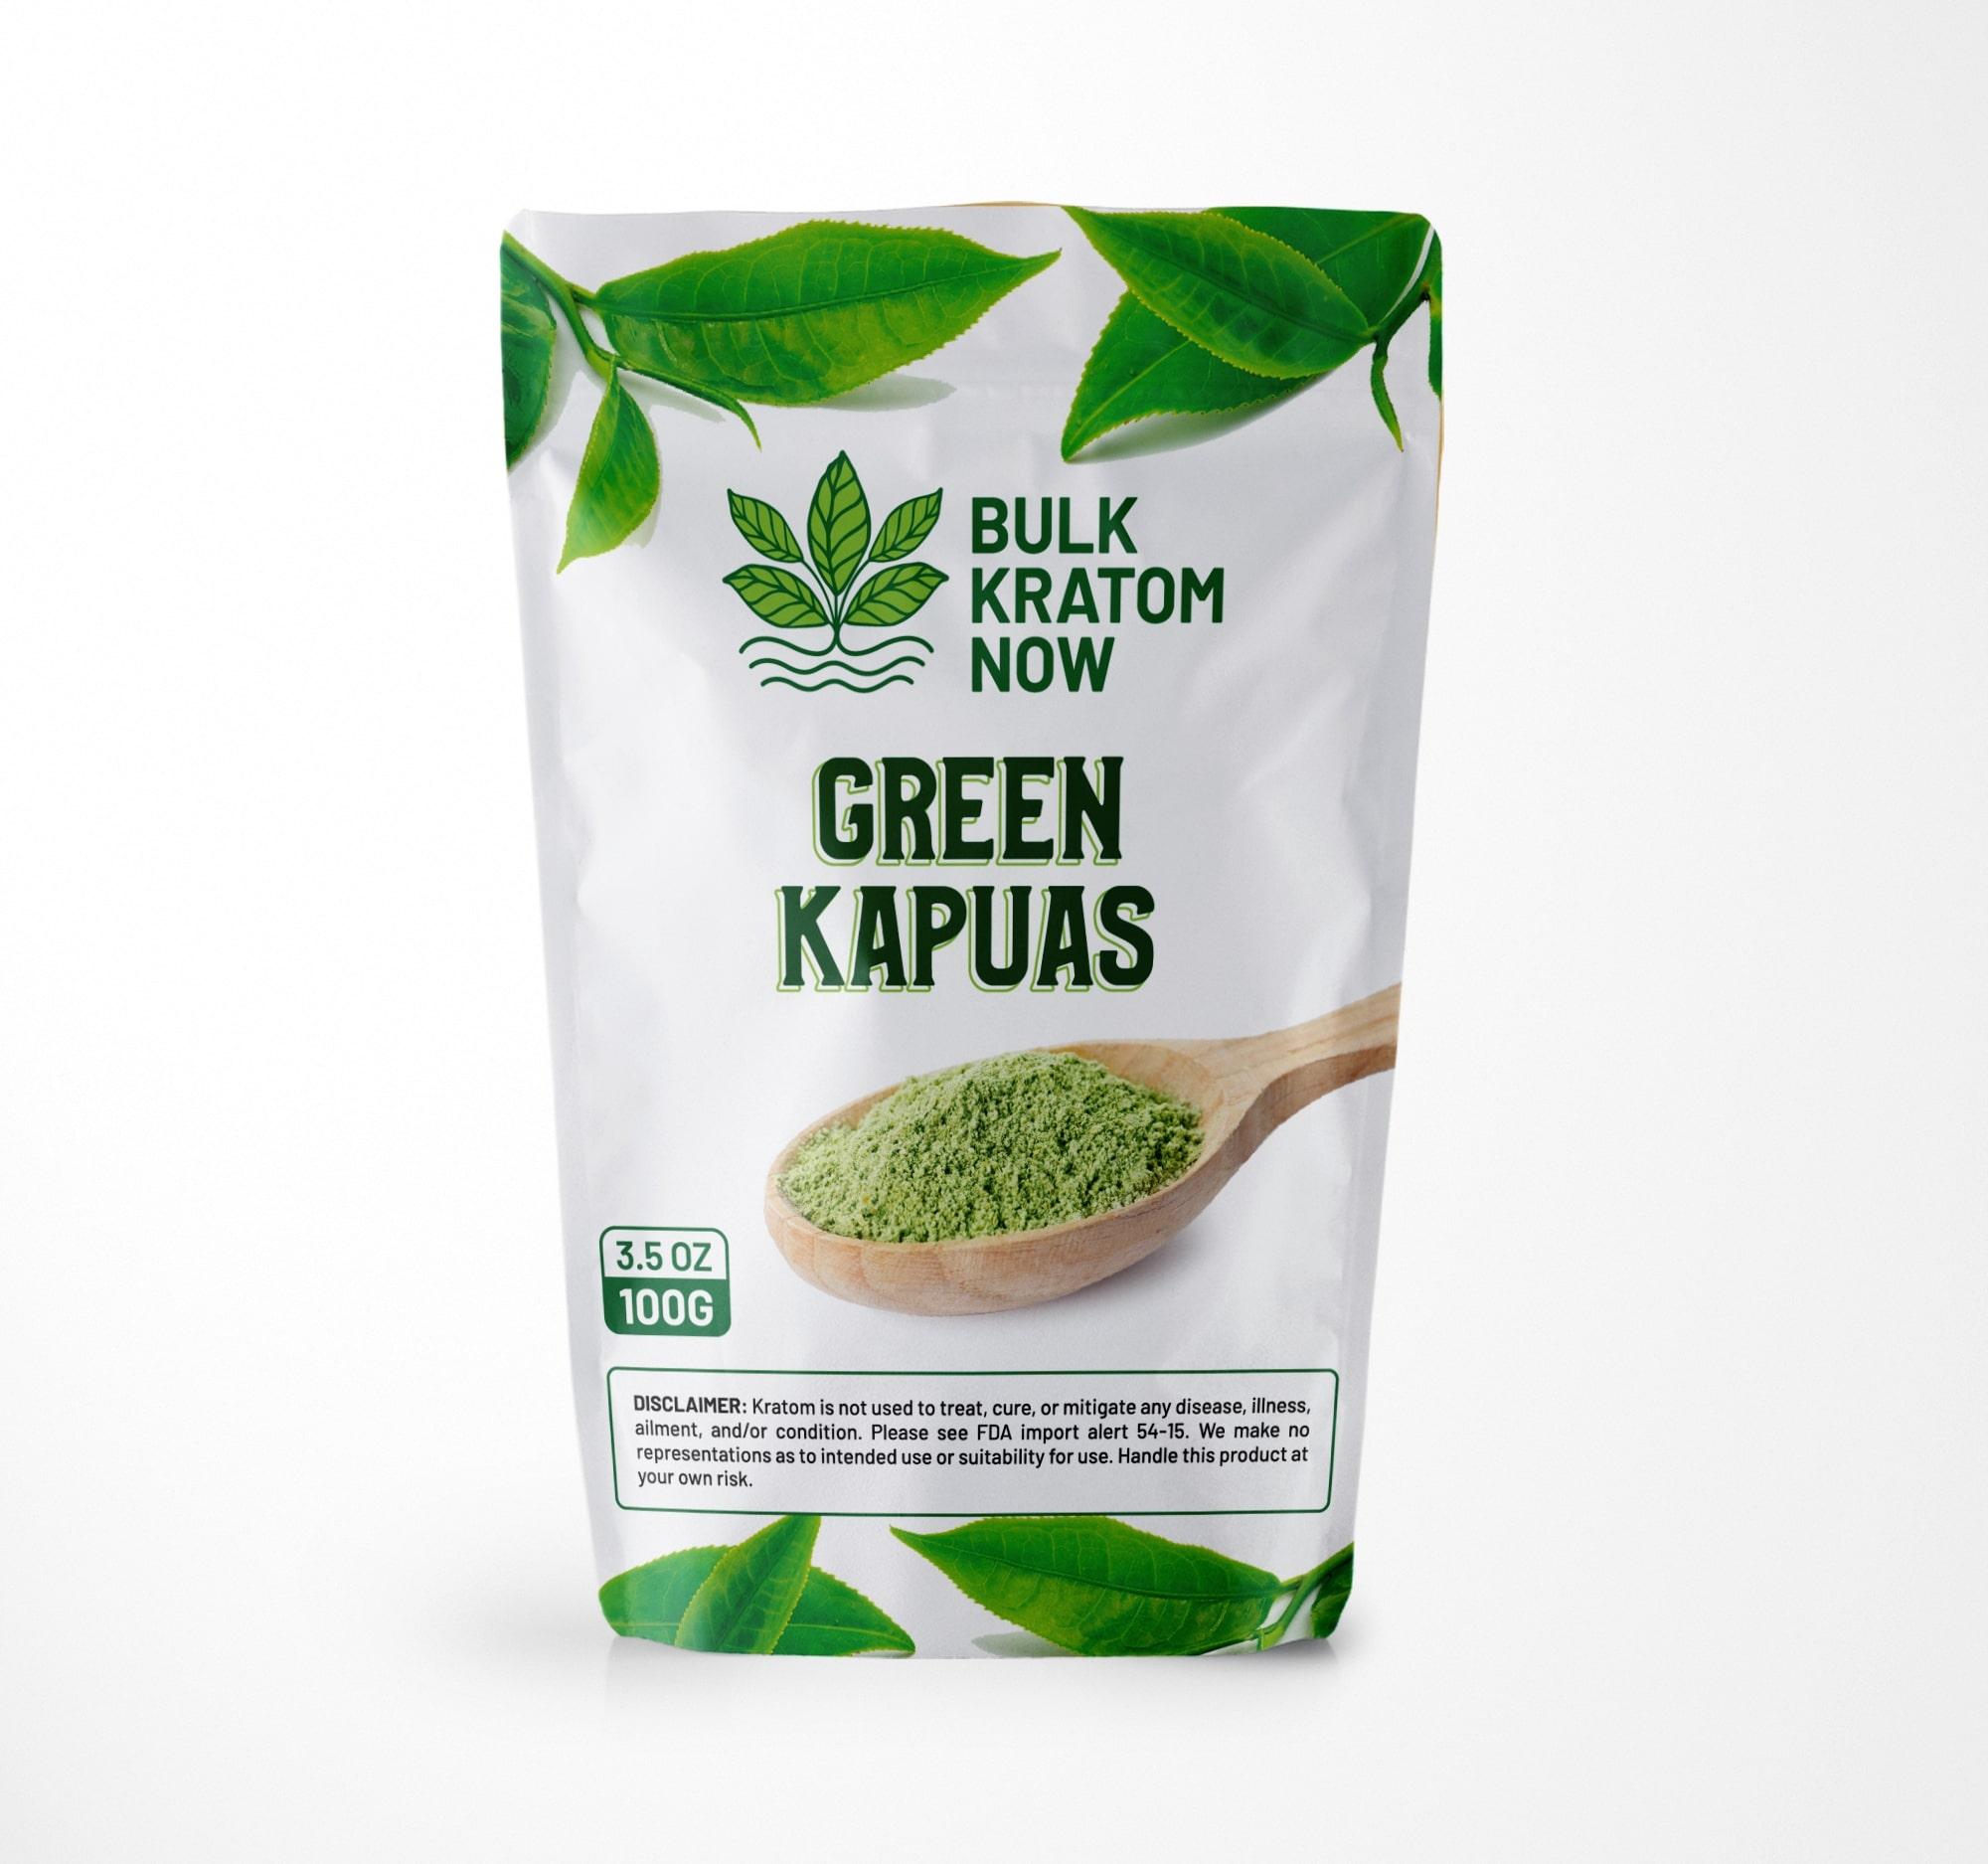 Green Hulu Bulk Kratom